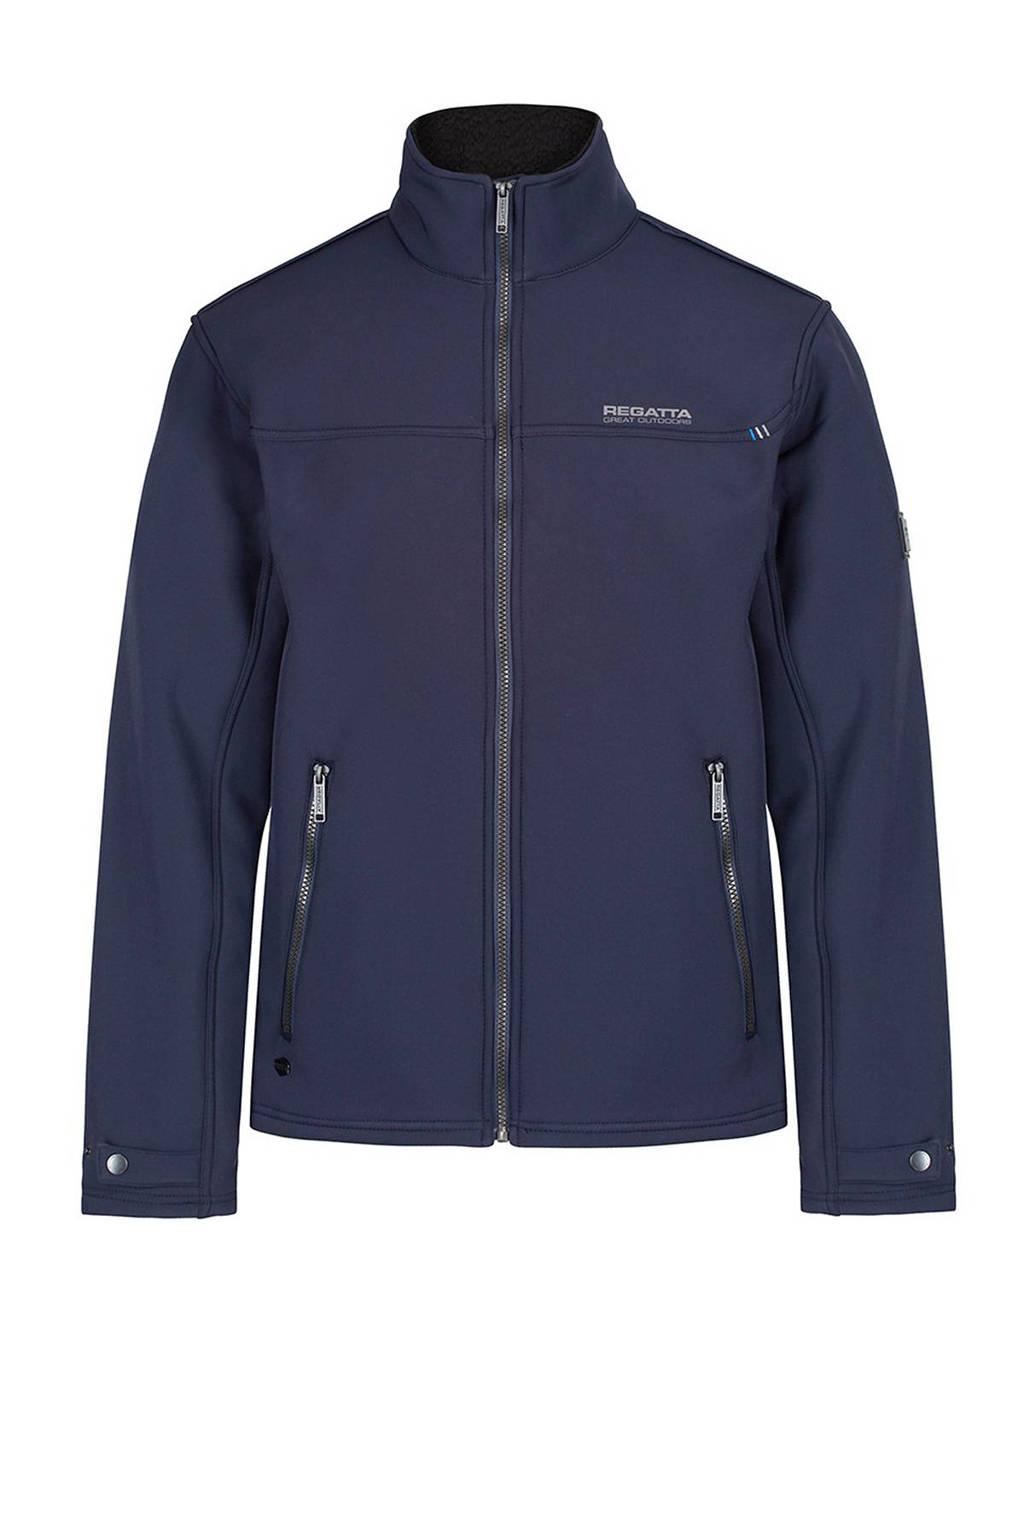 Regatta softshell vest blauw, Navy